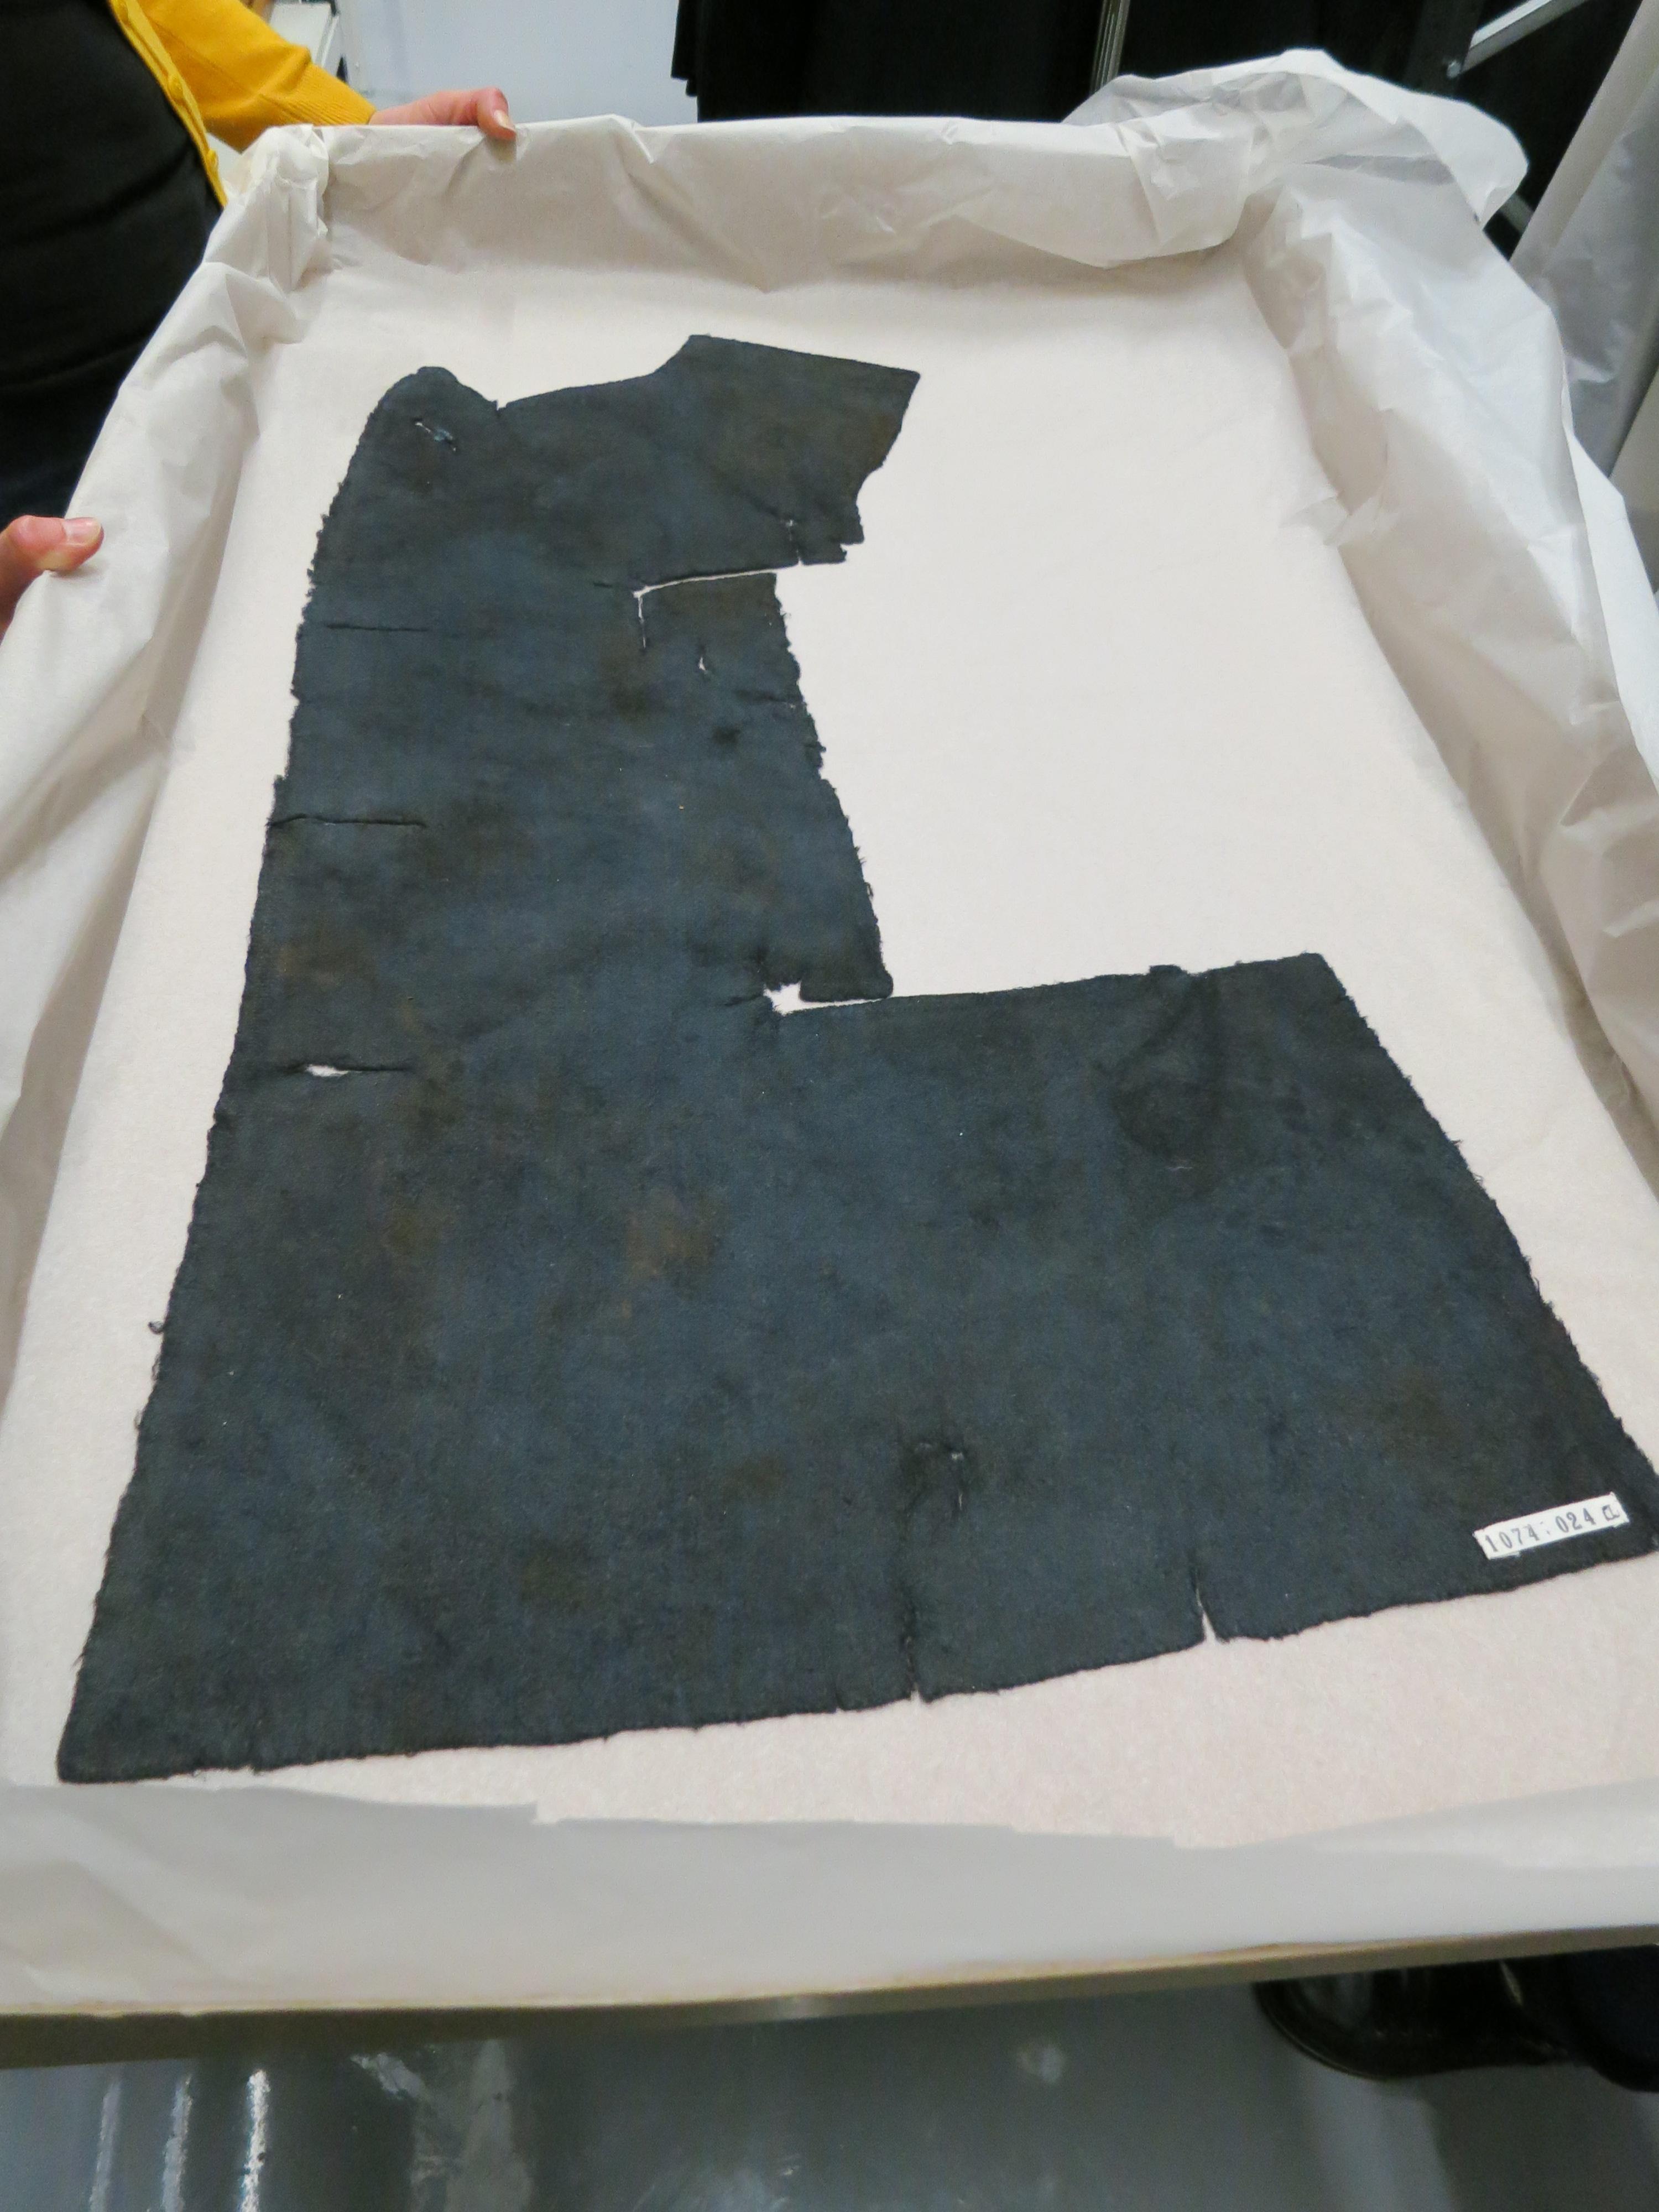 Nikolain hylystä nostettu sotilaan takin osa. Kuva: Annu Mikkonen